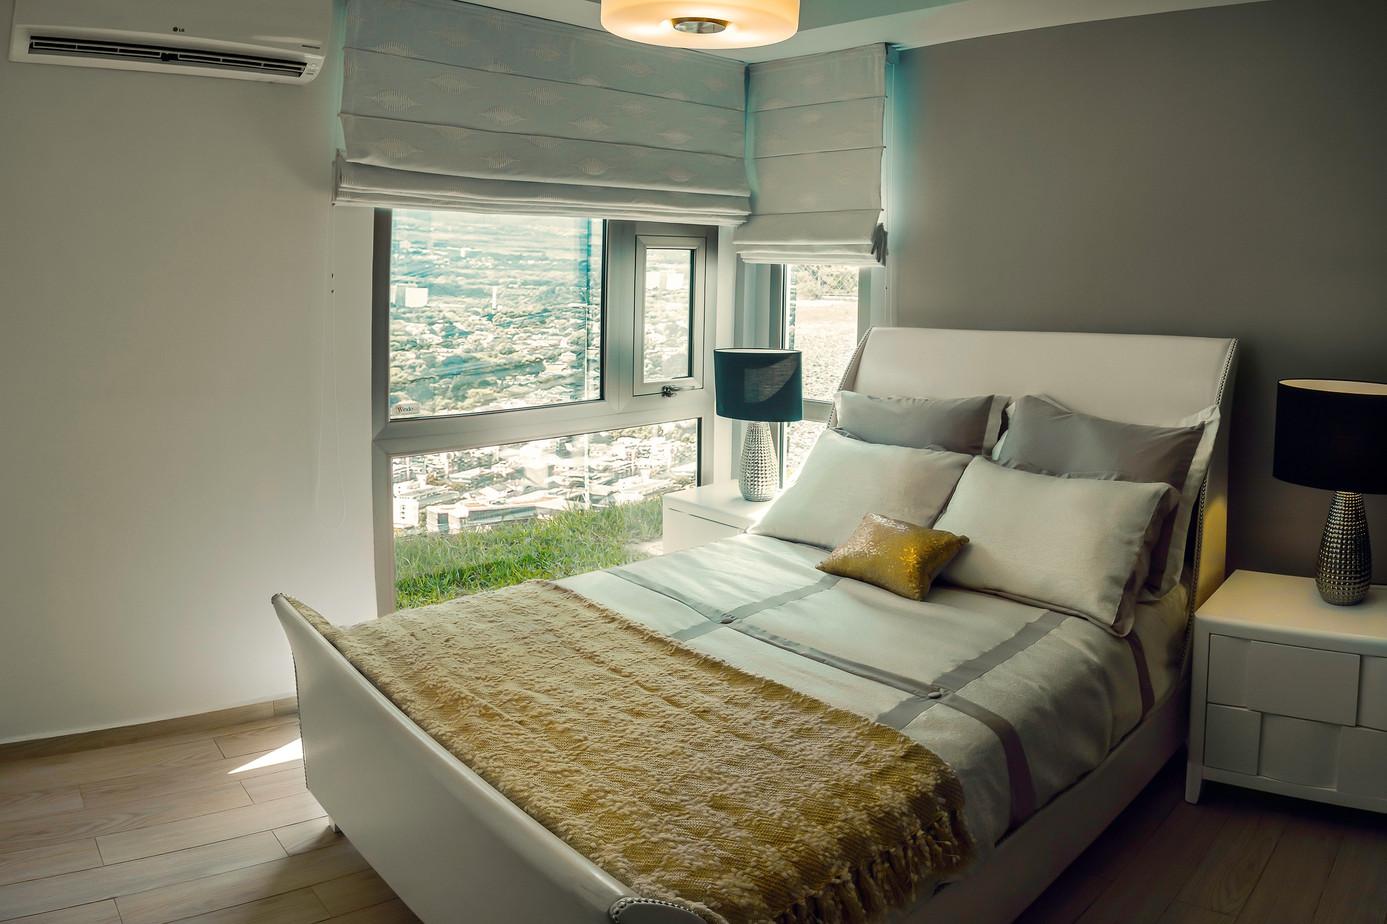 07+dormitorio+una+cama.jpeg